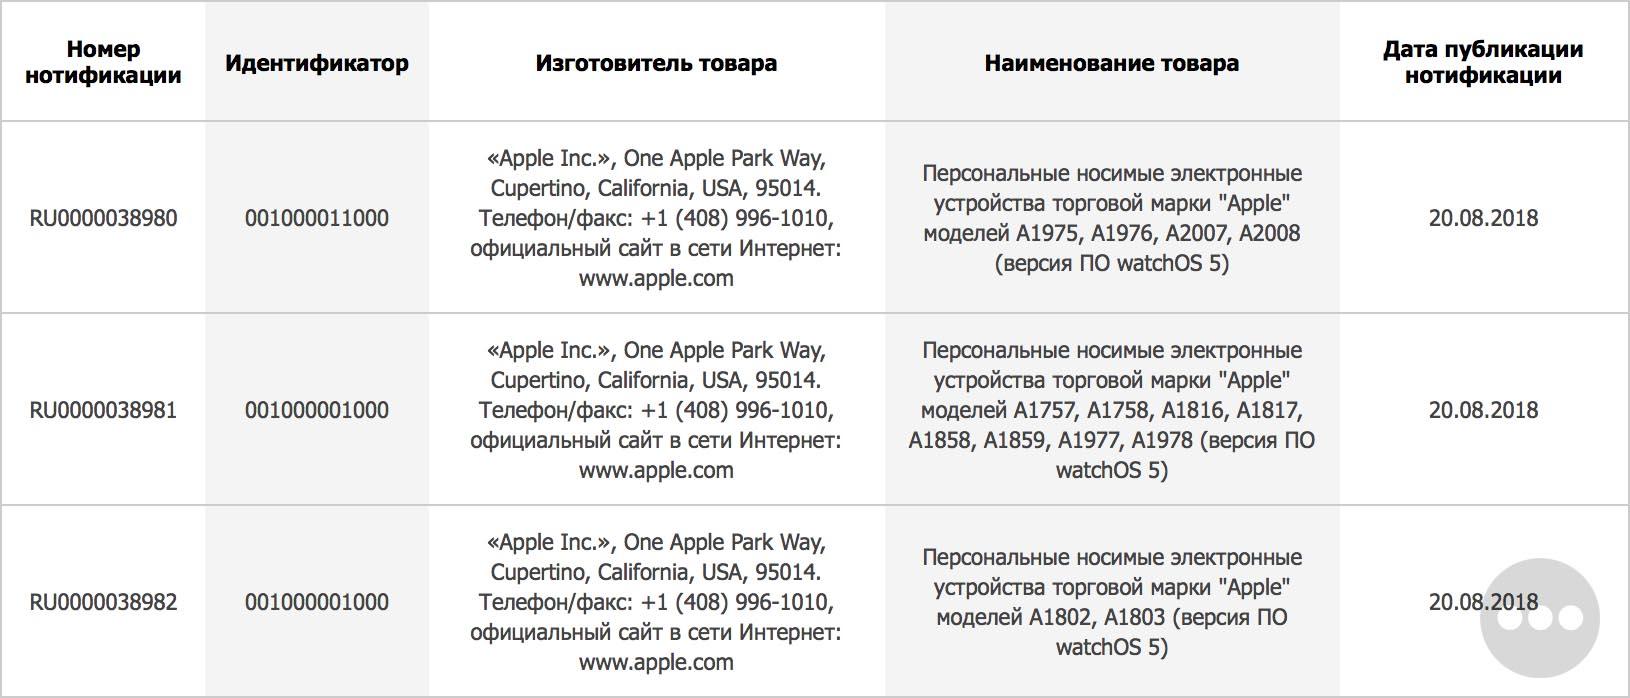 Registro de nuevos modelos de Apple Watch en la Eurasian Economic Commission (EEC)